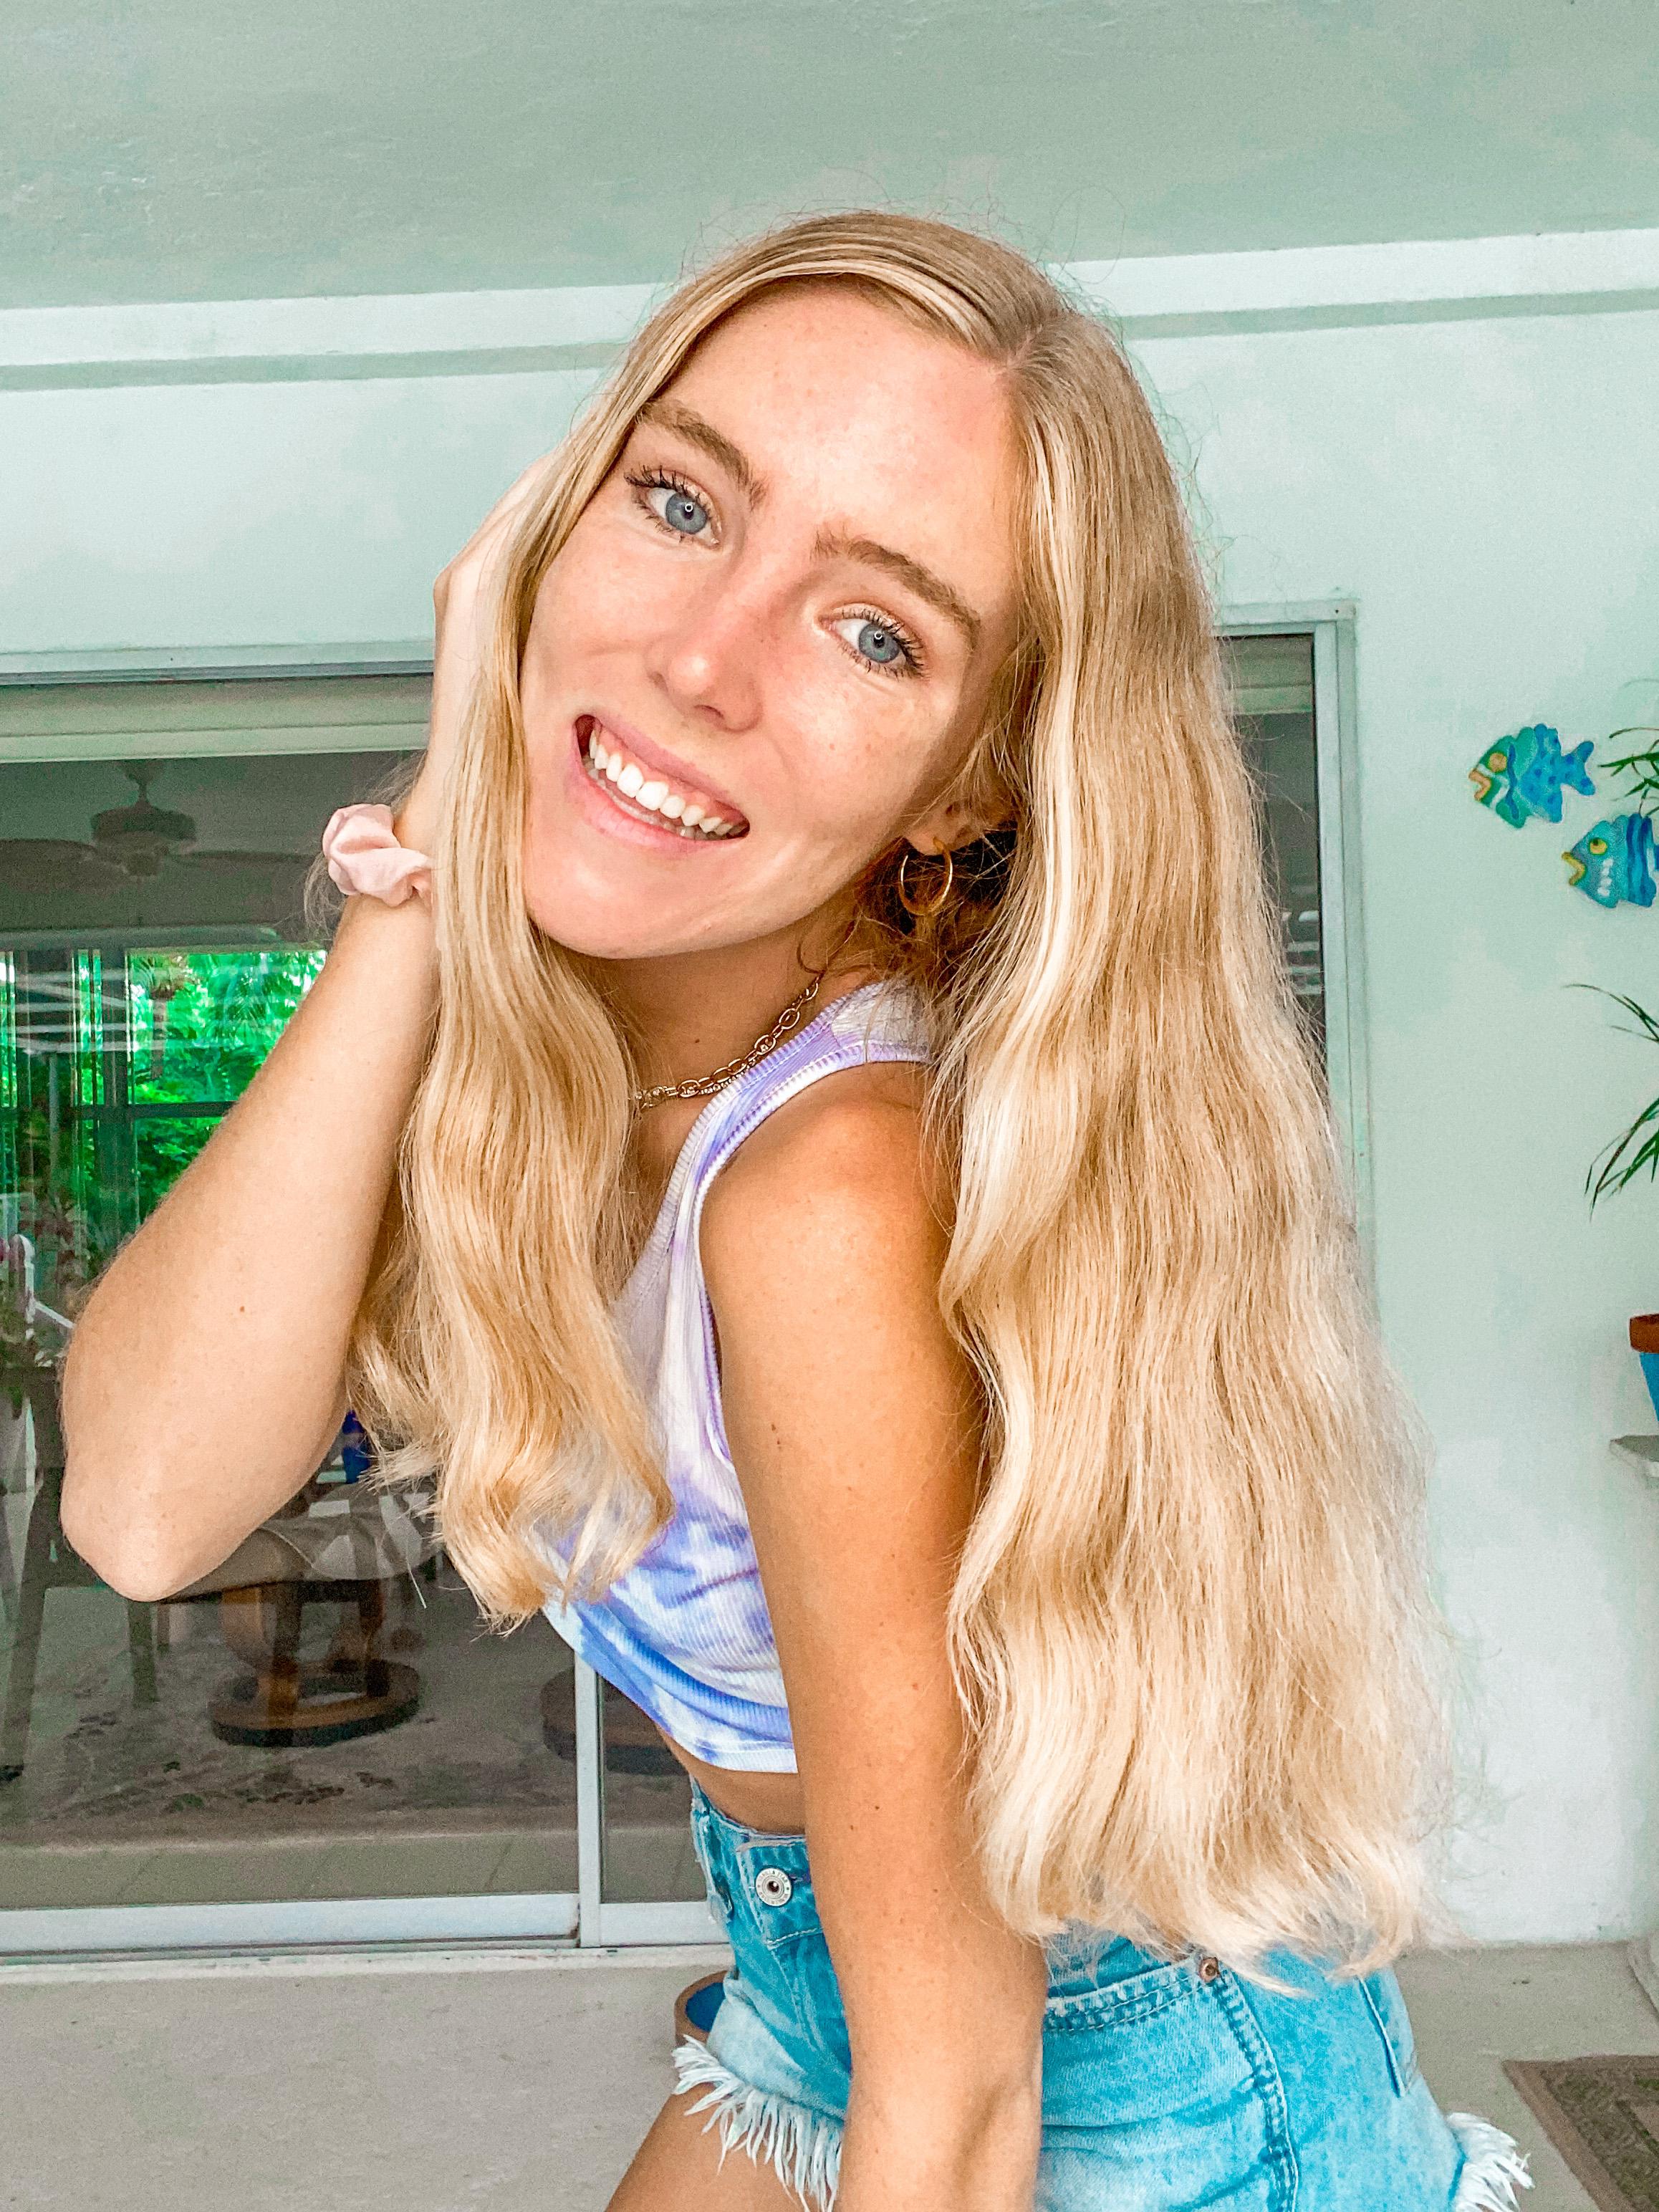 @briseaberg profile image